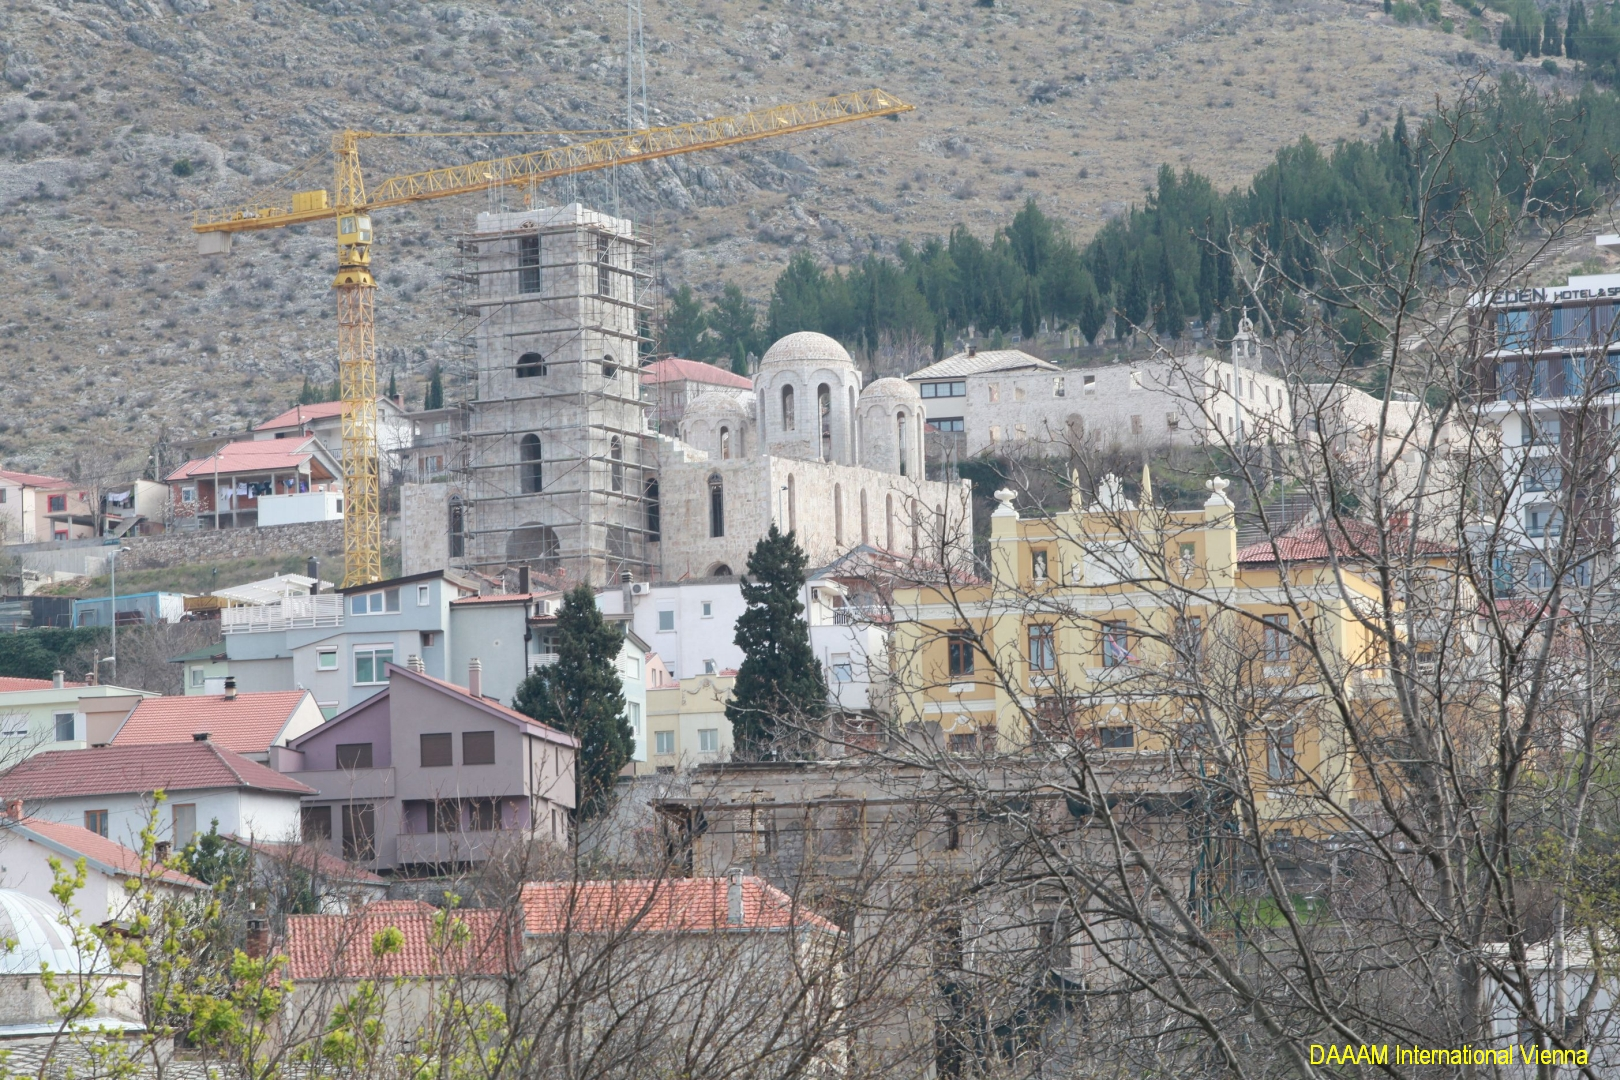 DAAAM_2016_Mostar_01_Magic_City_of_Mostar_012